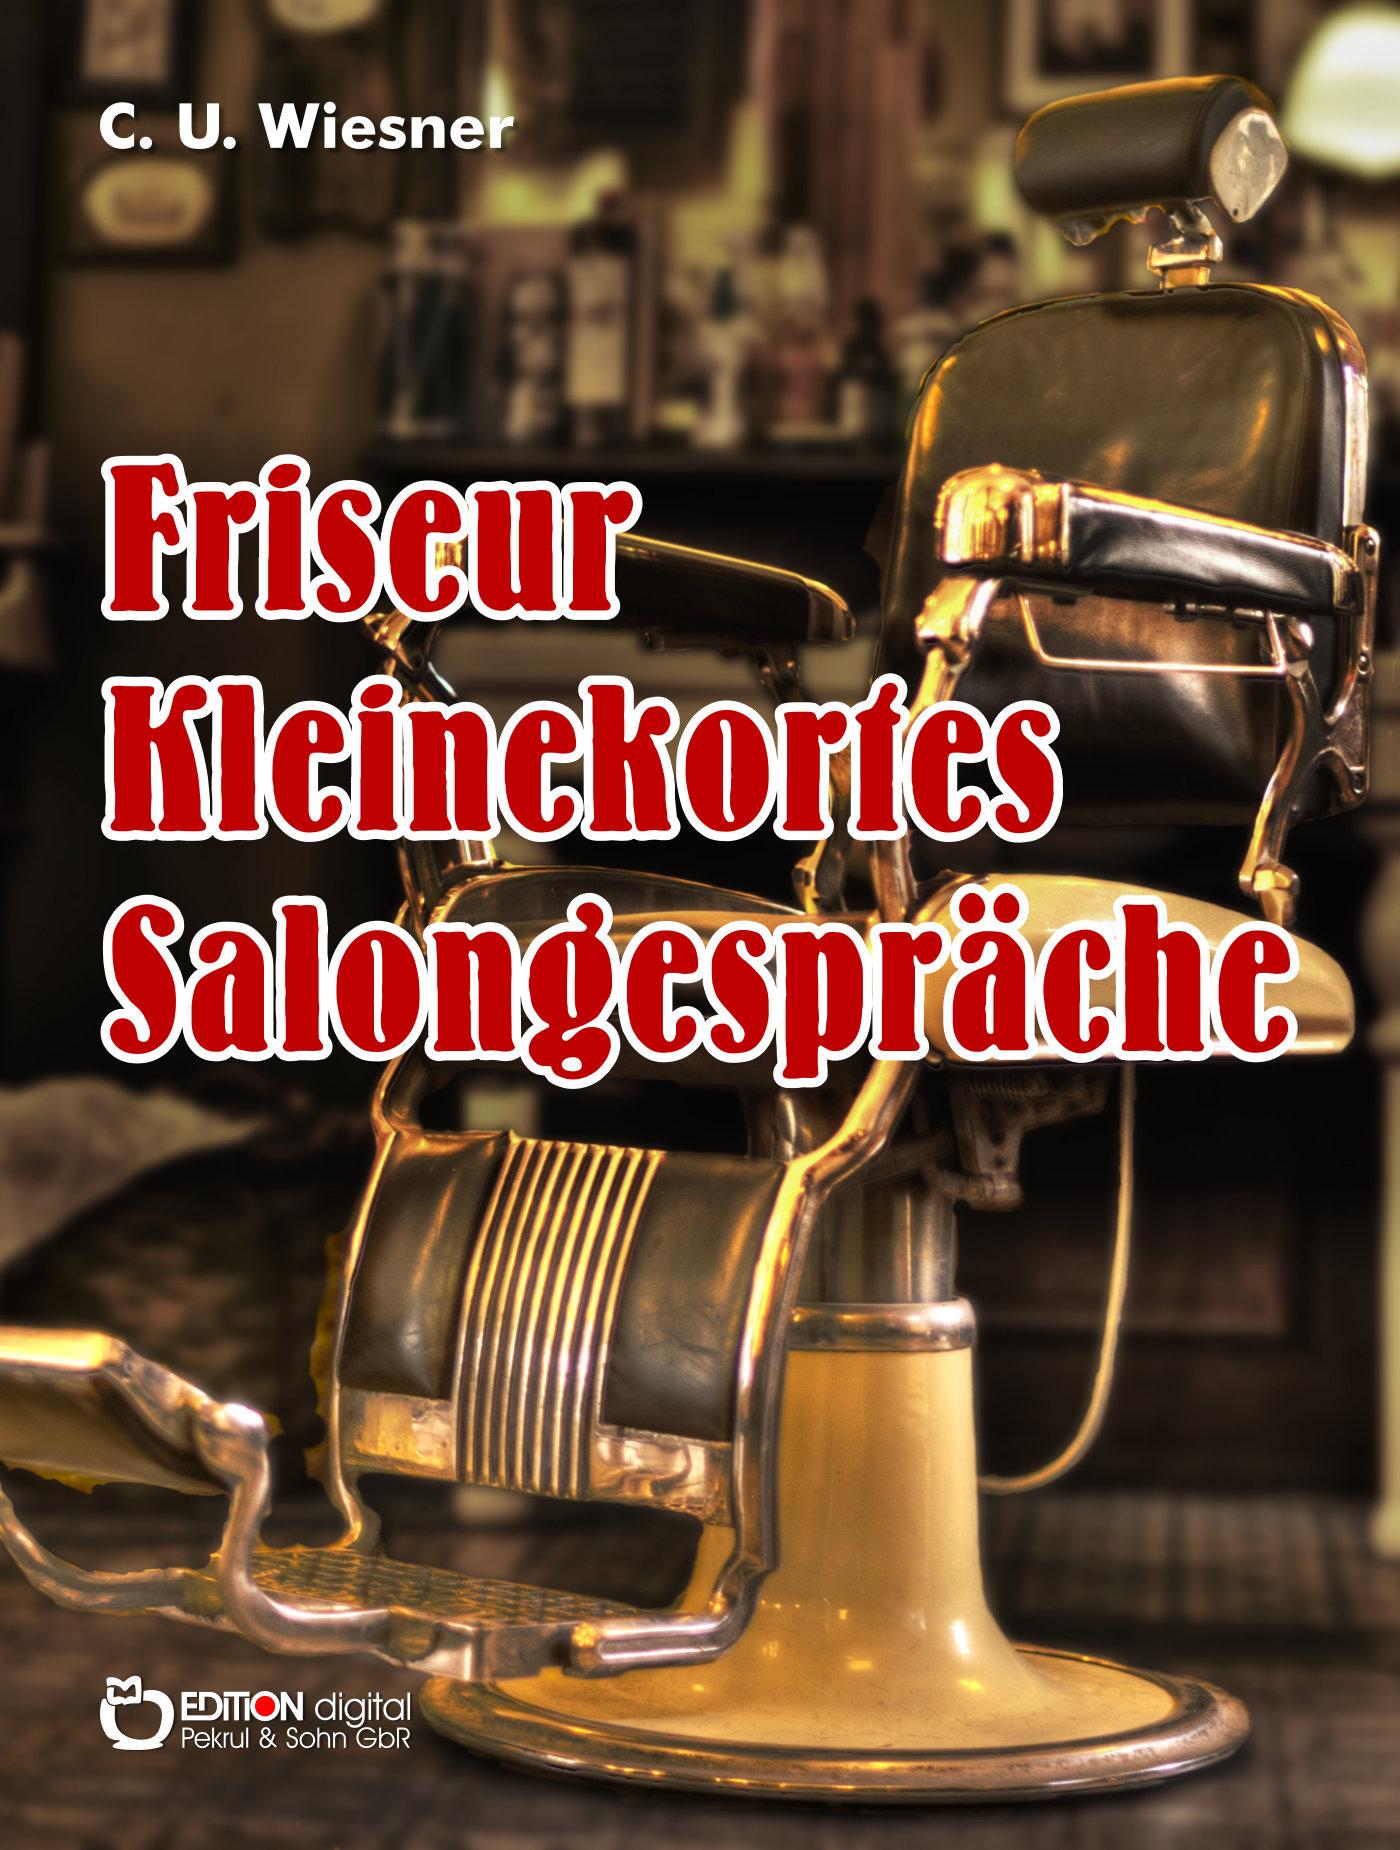 Frisör Kleinekortes Salongespräche von C. U. Wiesner